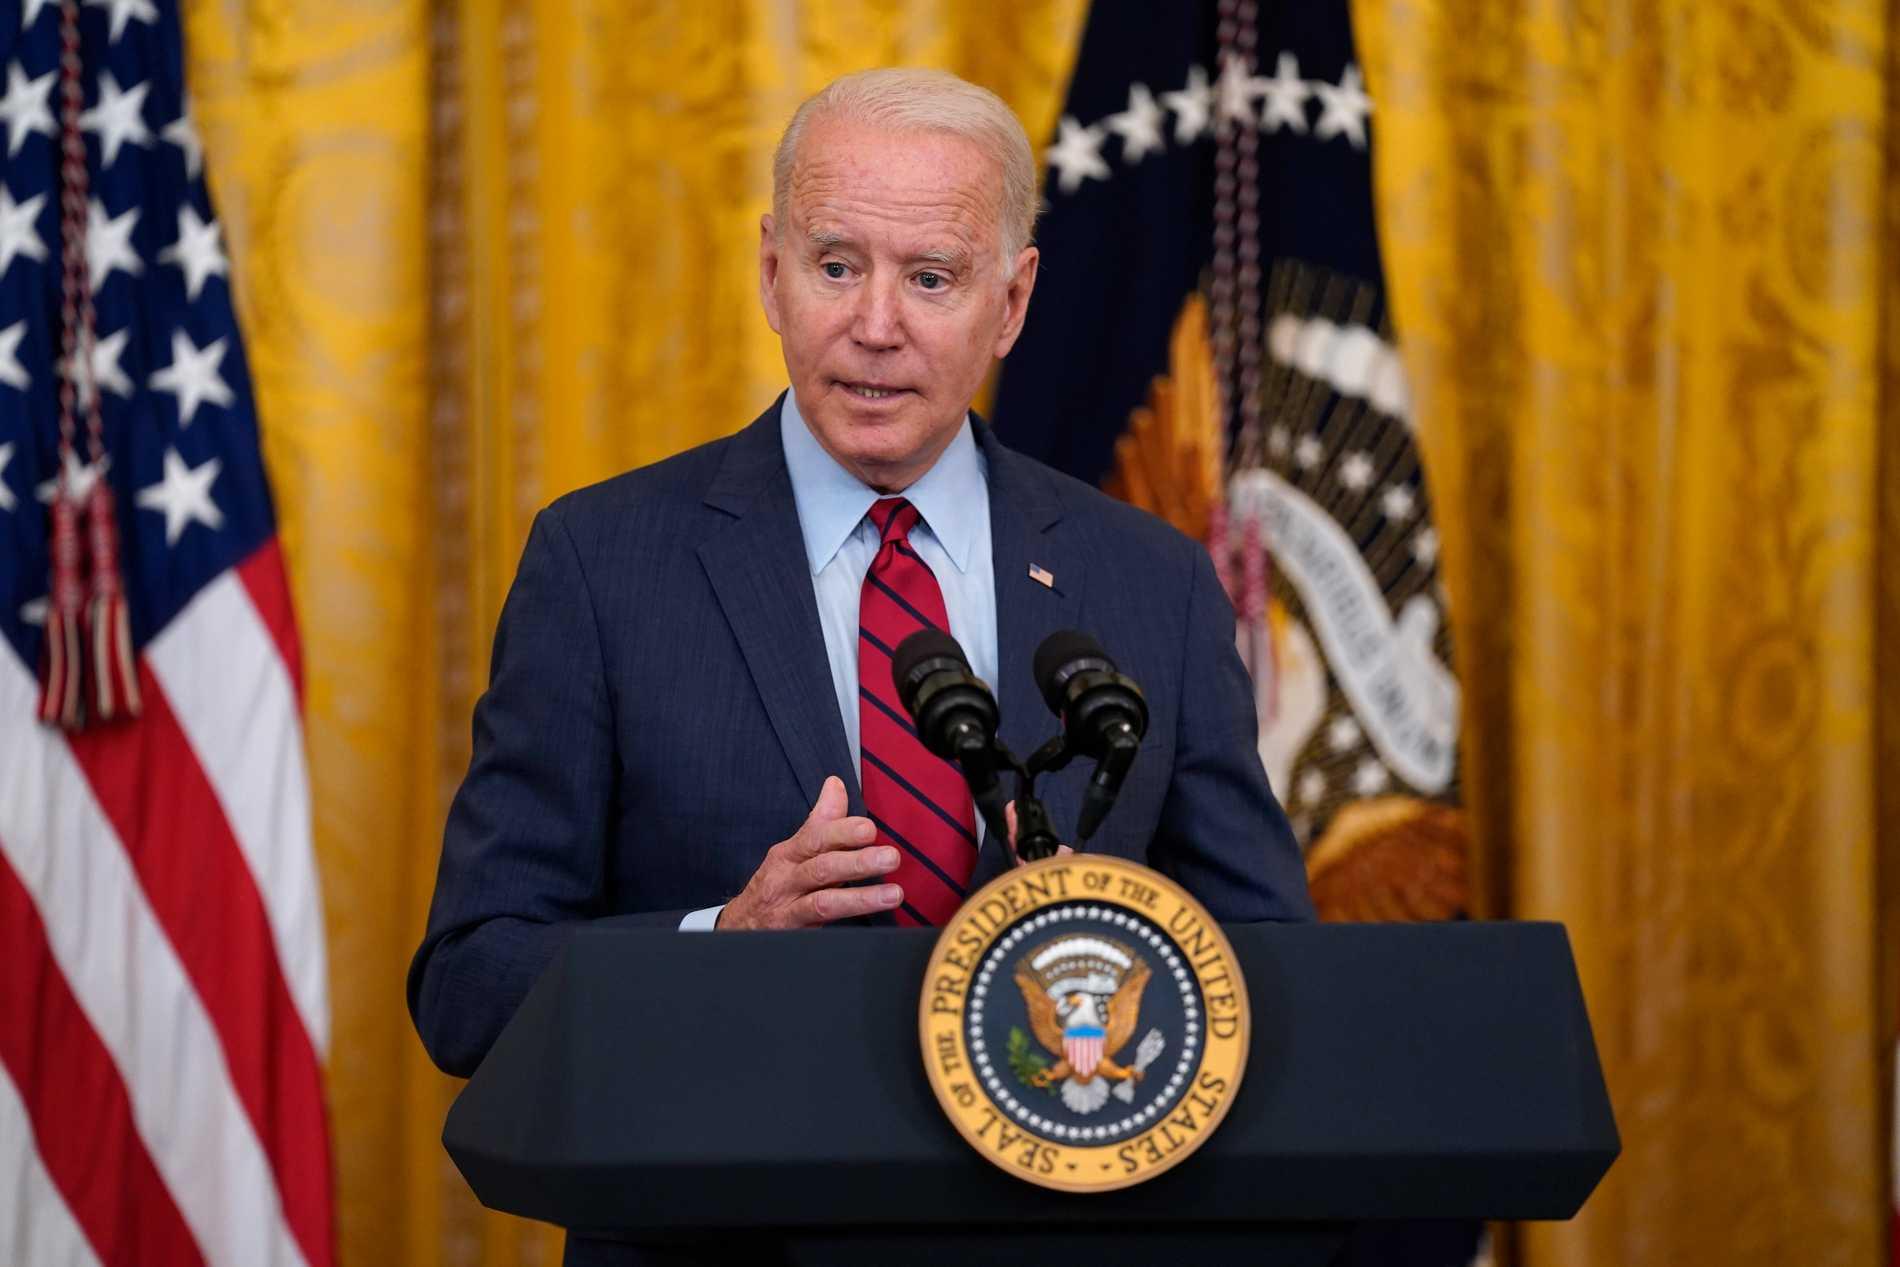 USA:s president Joe Biden i Vita huset berättar om infrastruktursatsningen.